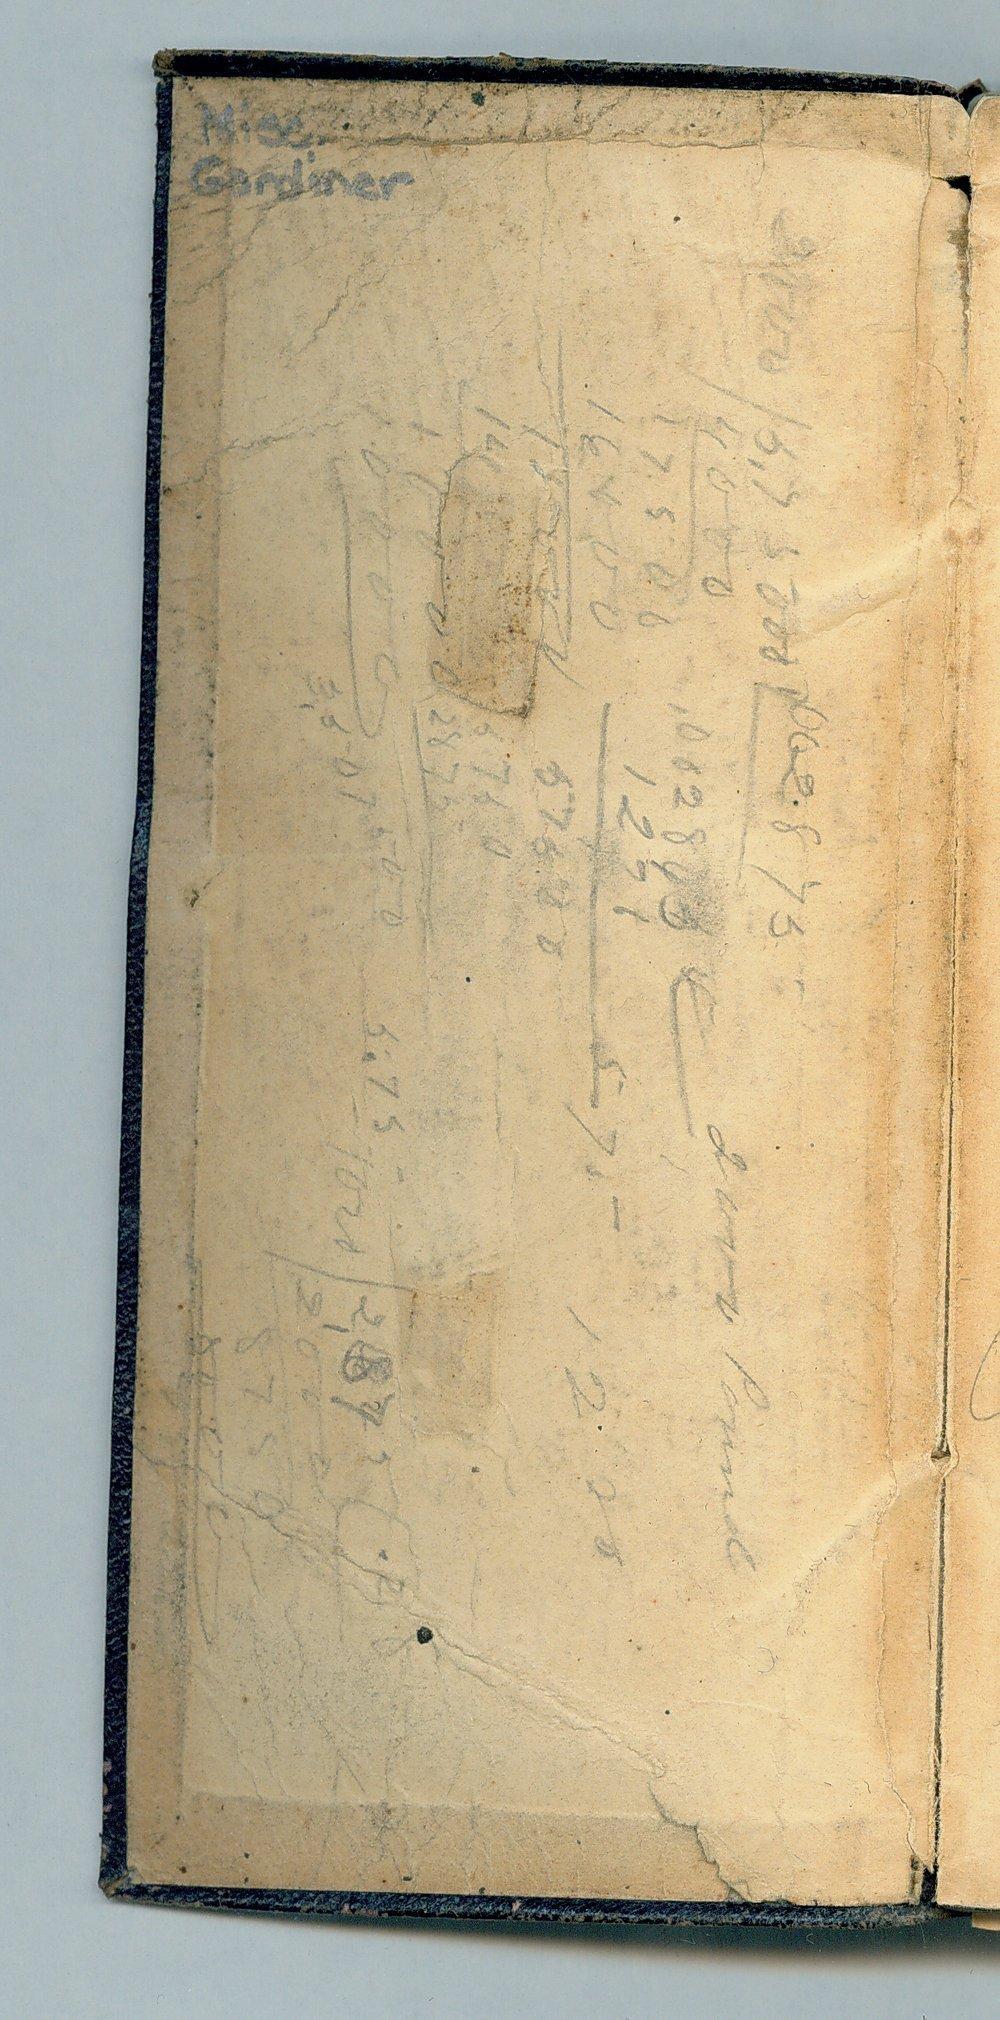 John William Gardiner diary - Inside Front Cover